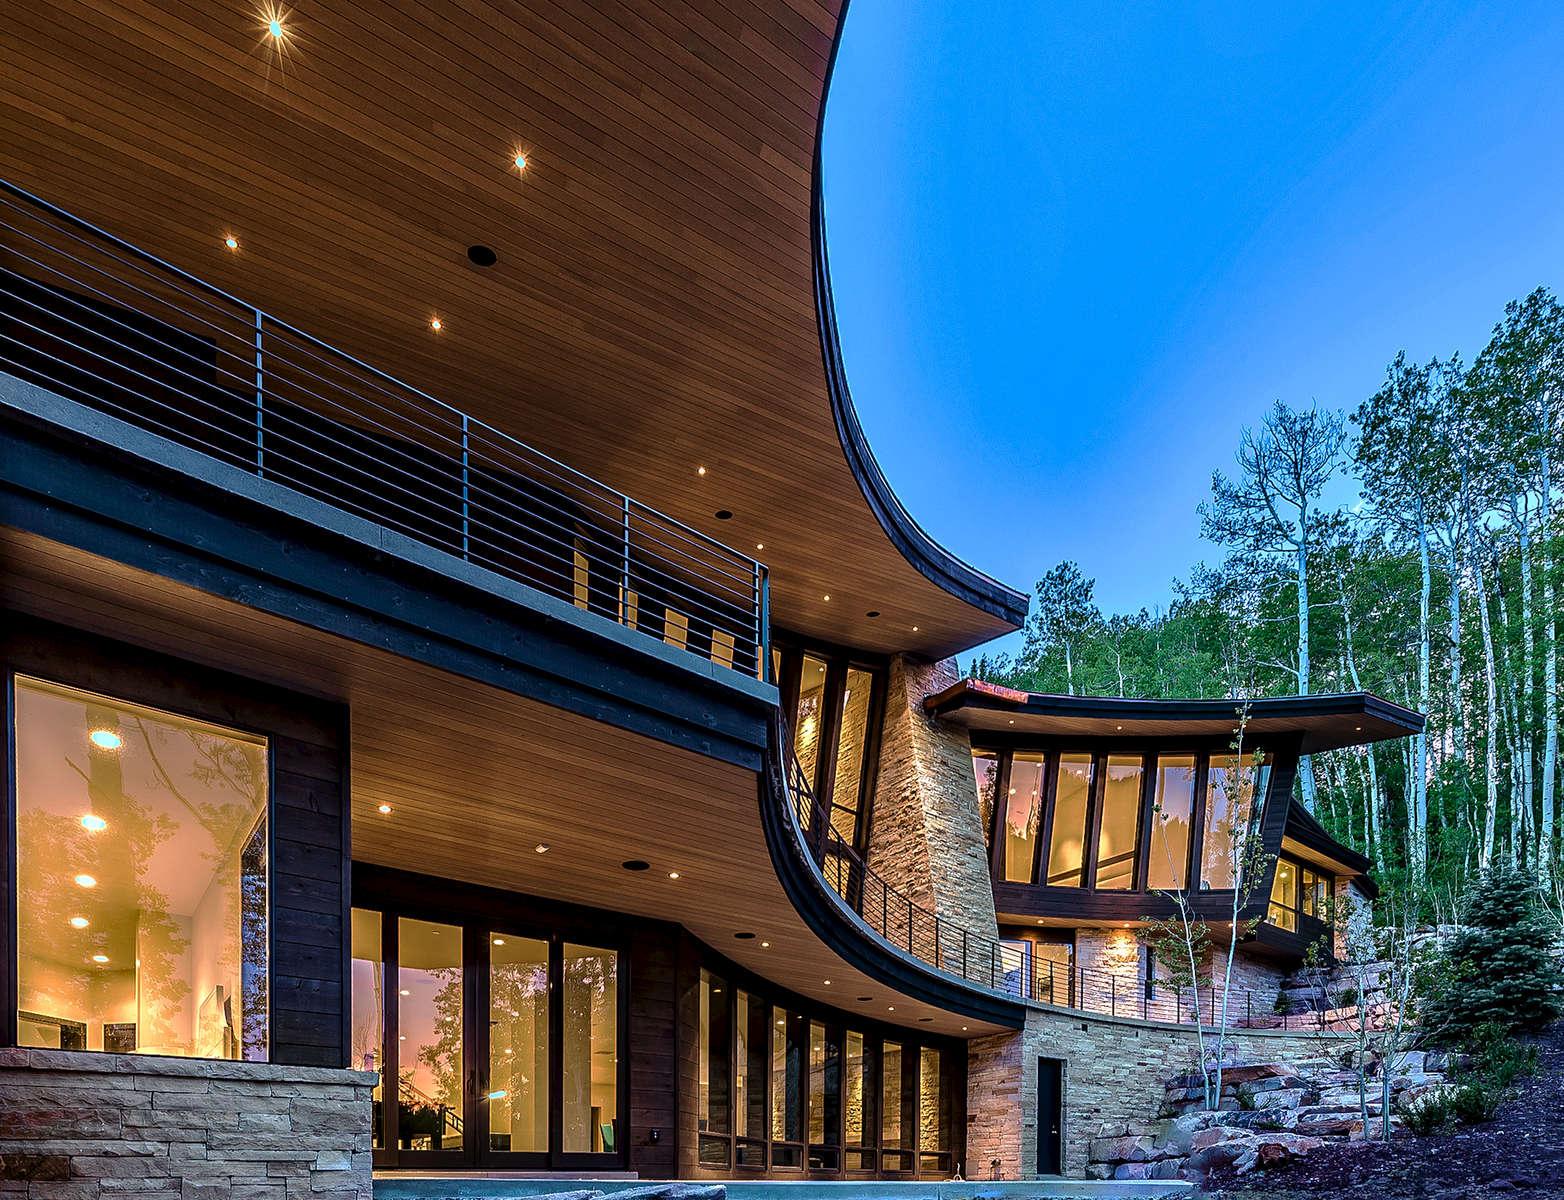 Bennett-Main-House-3501-47c-Overhang-Detail_E0E2153-2c-Ext-D